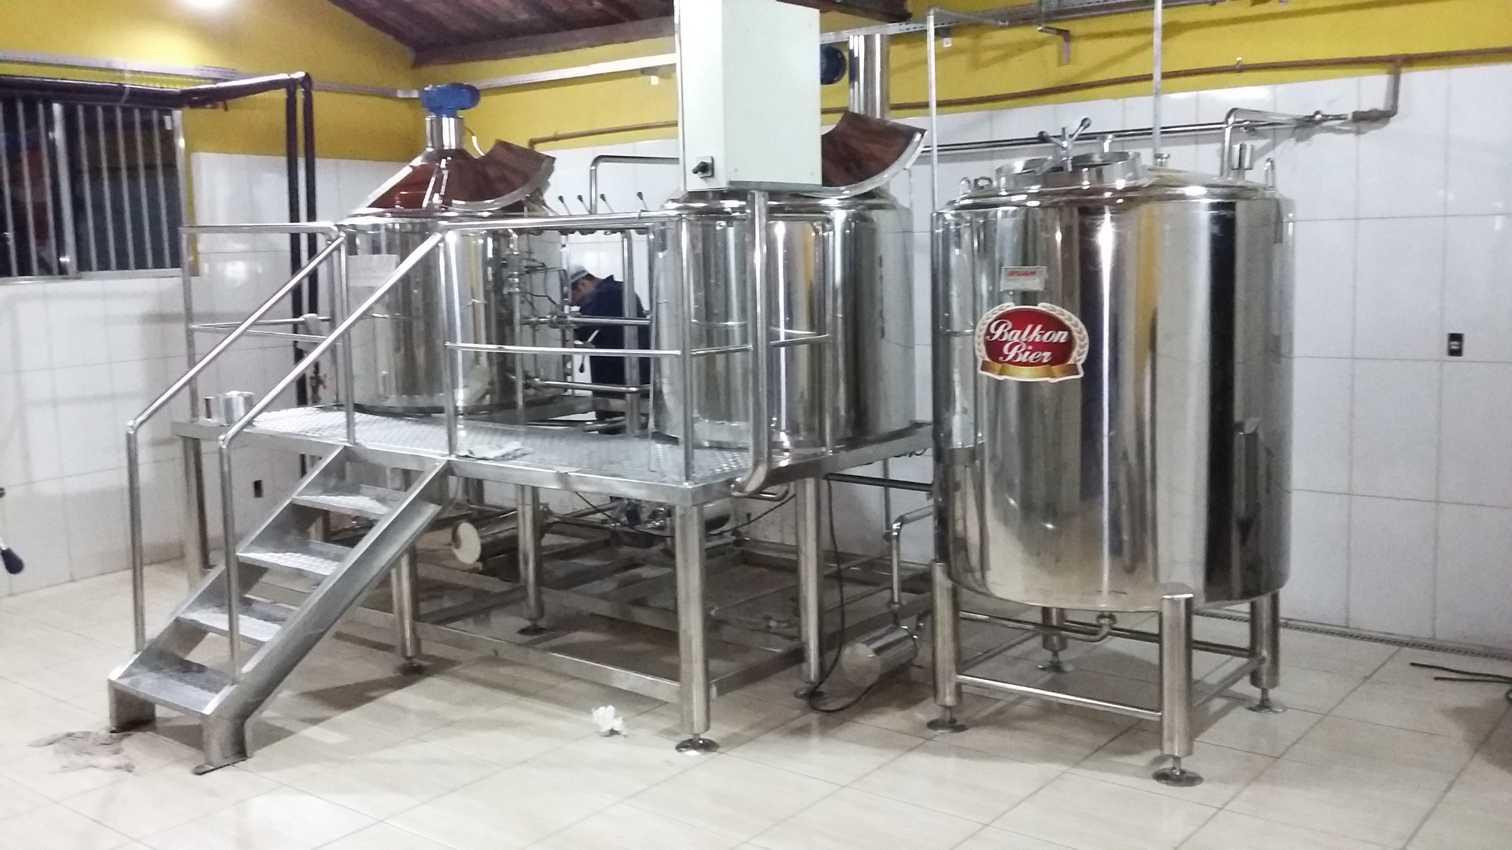 Projeto Solicitado [24 de January de 2017] – Projeto para Microcervejaria de 100 litros